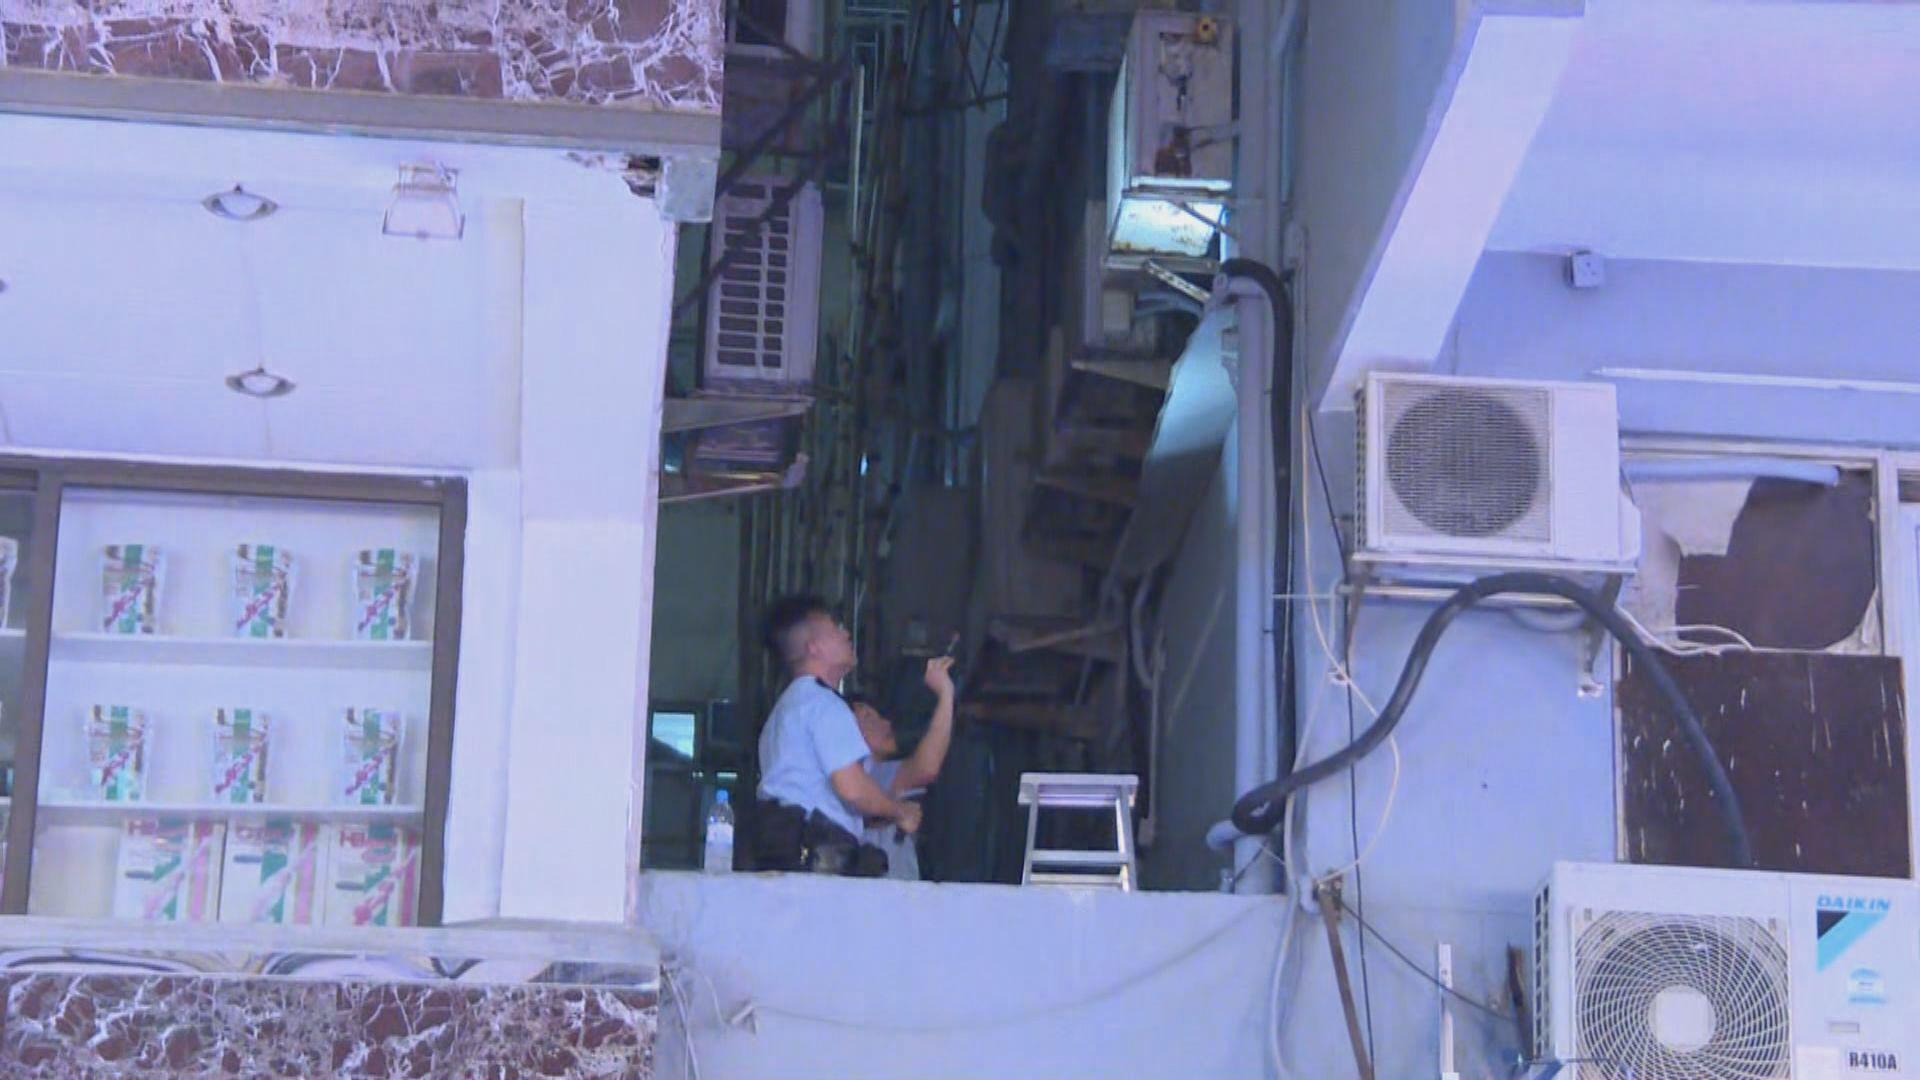 旺角男子維修冷氣機意外墮樓死亡